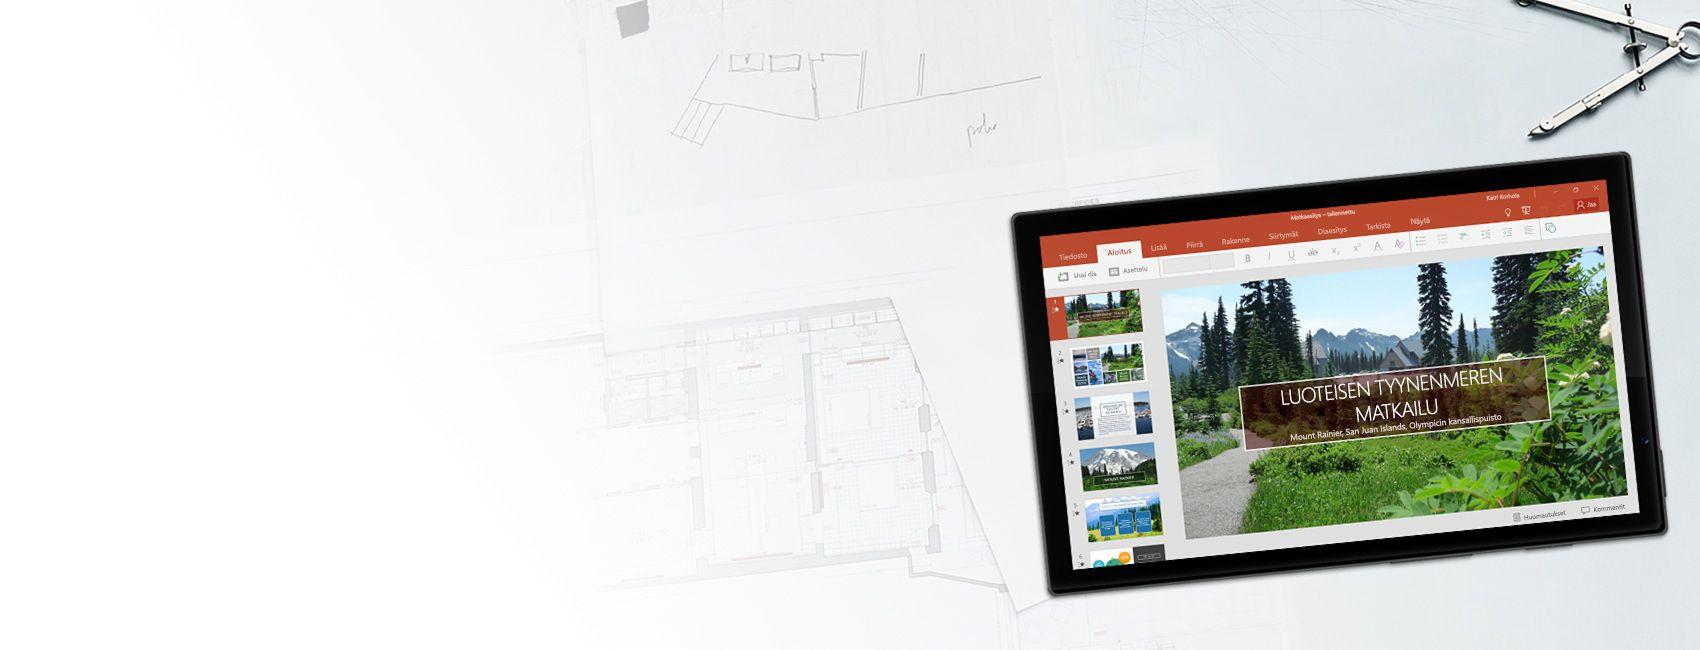 Windows-tabletti, jossa näkyy  Pacific Northwest Travelsia käsittelevä PowerPoint-esitys PowerPoint Windows 10 Mobilessa